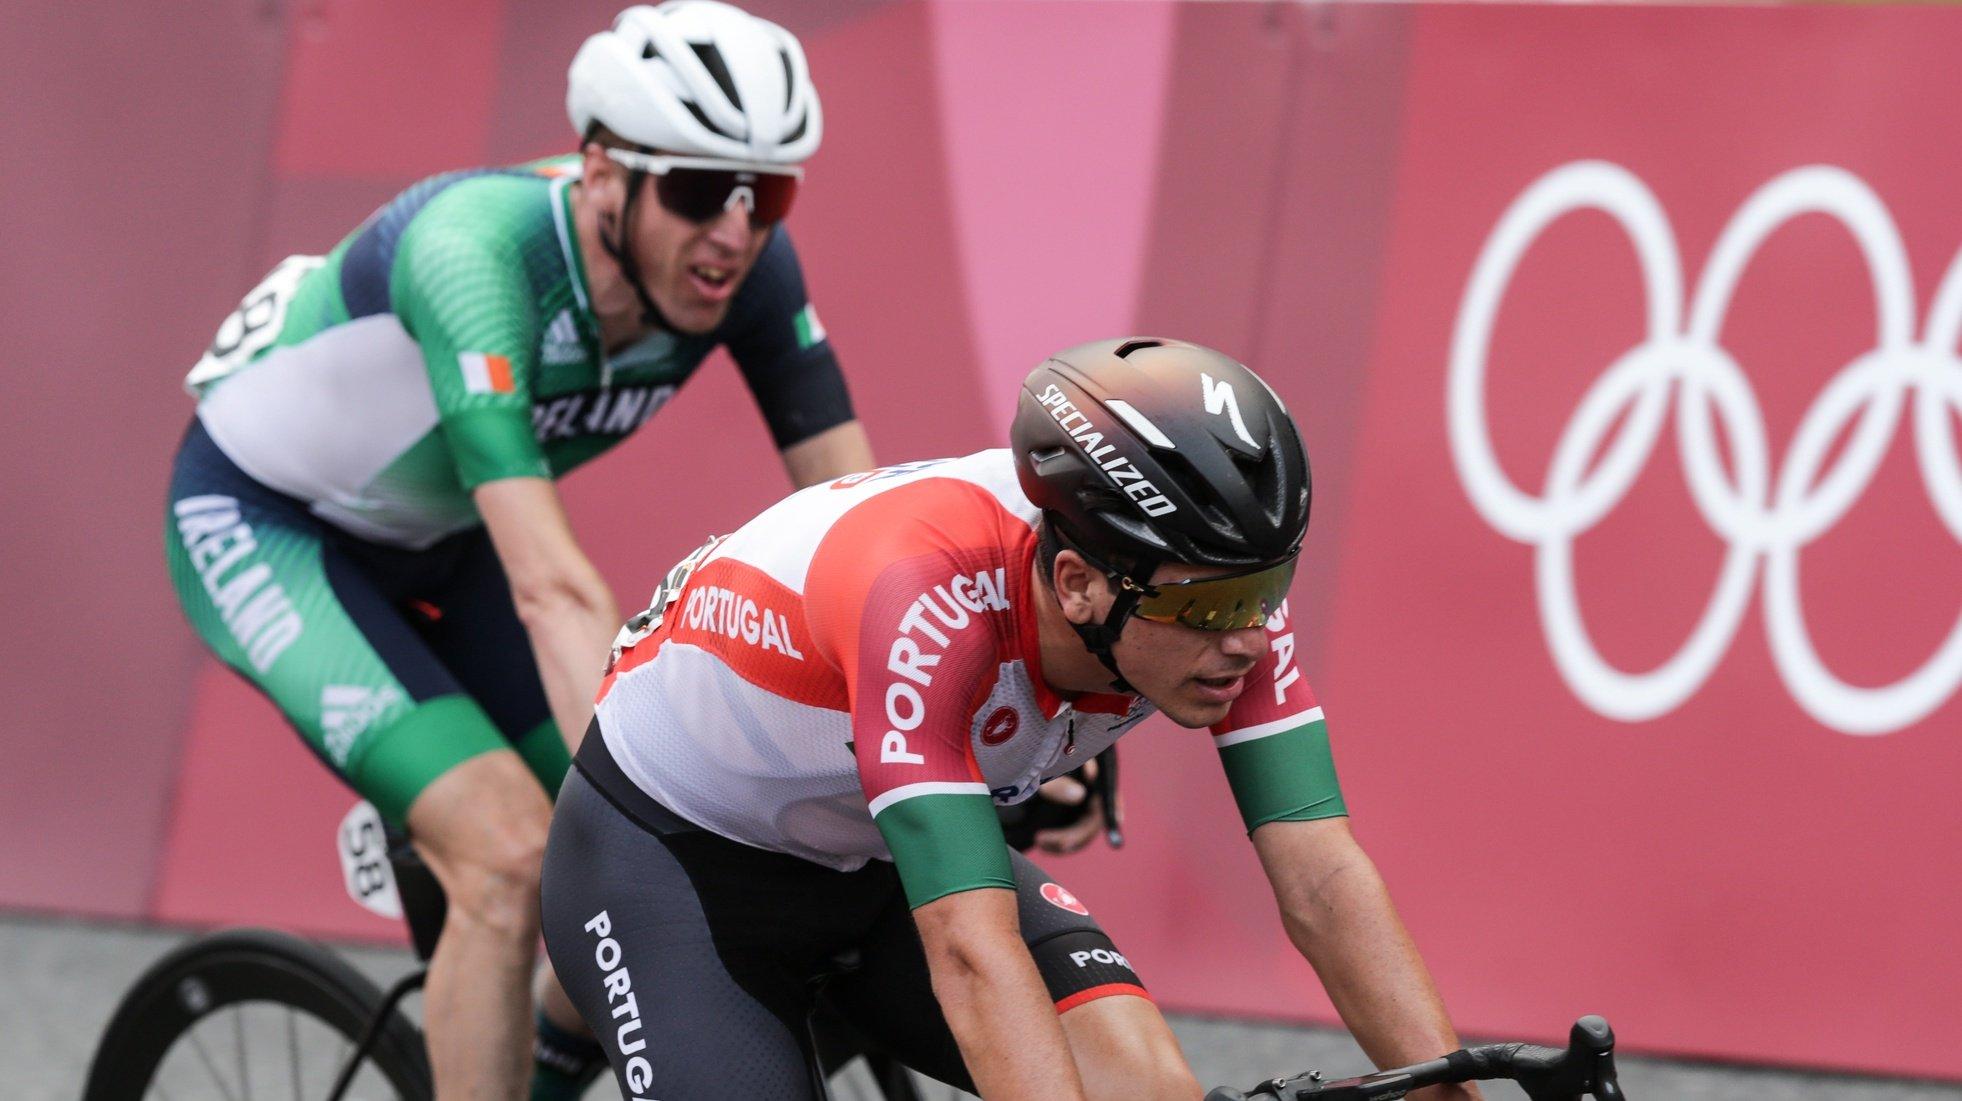 O ciclista português João Almeida durante a prova de fundo masculina Fuji Speedway dos Jogos Olimpicos Tóquio 2020, em Shizoka, Japão, 24 de julho de 2021. TIAGO PETINGA/LUSA